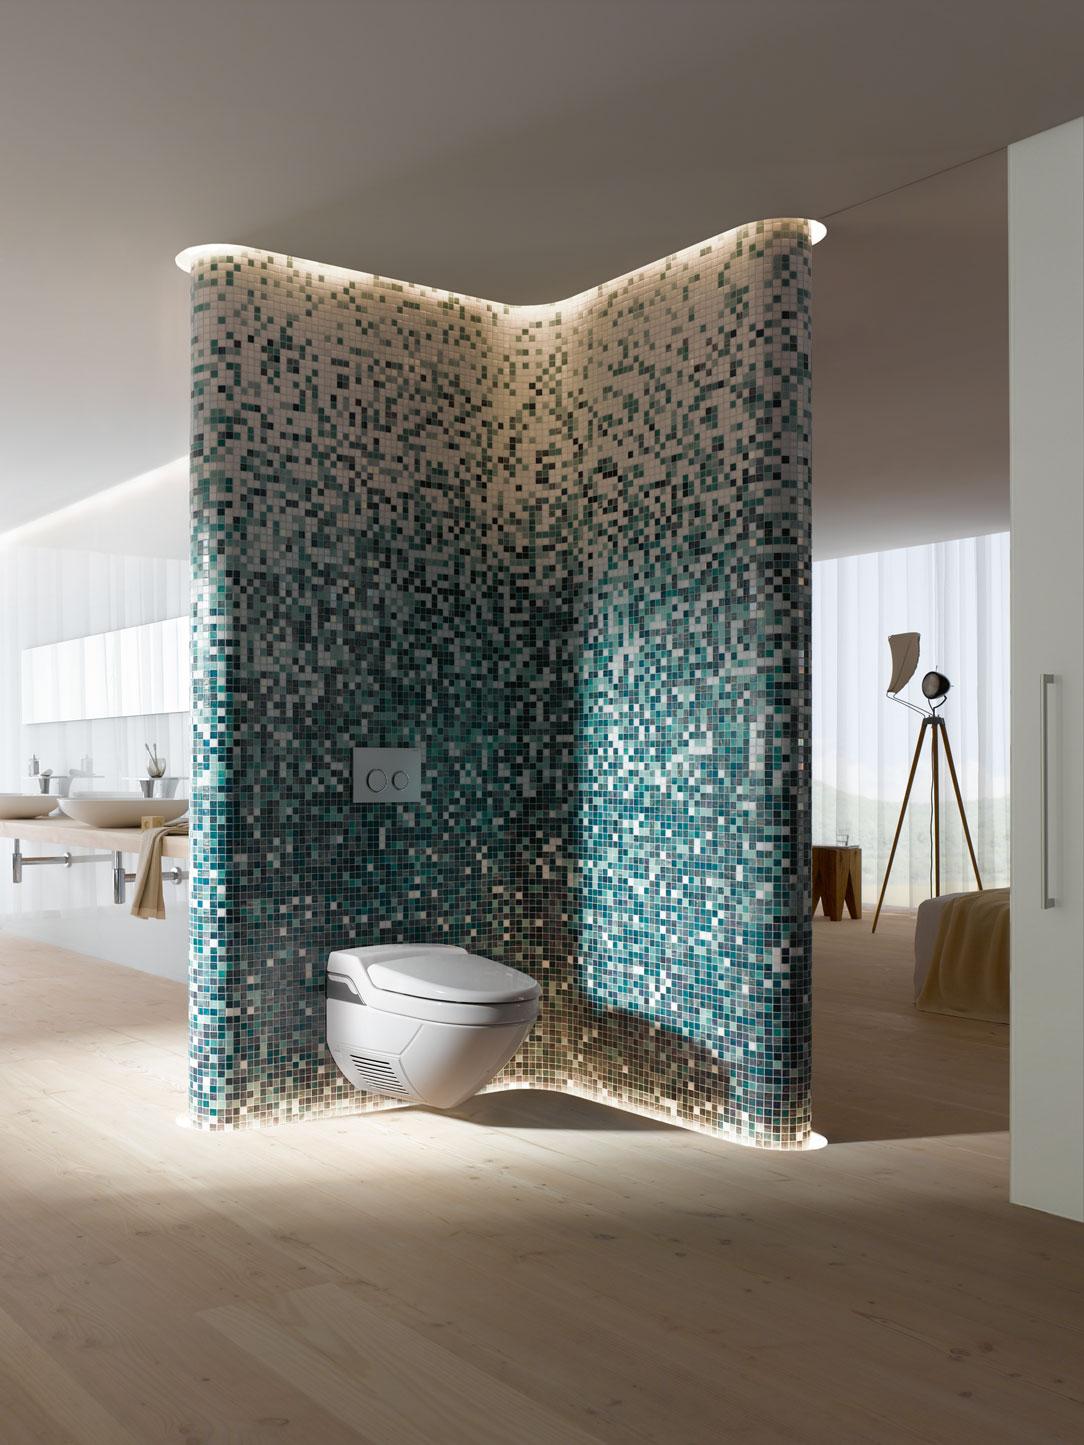 wohnzimmerz: gestaltung badezimmer with badezimmer, Hause ideen